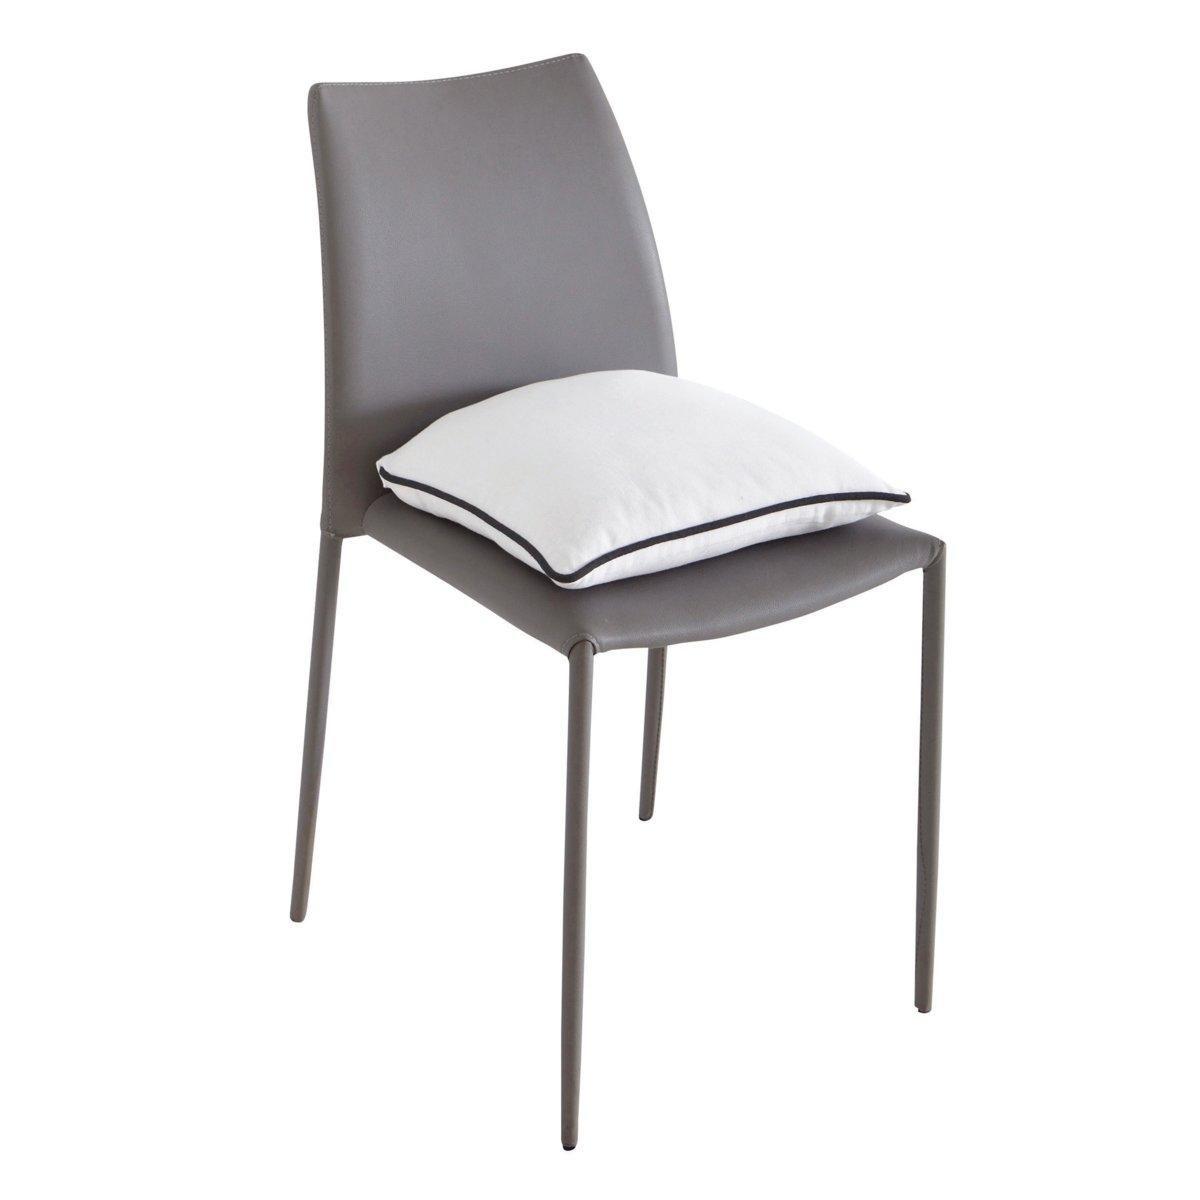 Подушка для стула, BRIDGYМягкая, удобная подушка для стула существует в 5 модных расцветках с контрастным кантом. Сочетается с другими чехлами этой коллекции для мебели: кресел, диванов, стульев и для декоративных подушек, которые украсят Ваш интерьер! Коллекция предметов декора Valeur S?re - качественные изделия с красивой отделкой. Существует 5 однотонных расцветок и 1 принт в полоску (не для всех моделей). Все чехлы для мебели: кресел, диванов, стульев и для декоративных подушек (продаются отдельно на нашем сайте) отлично сочетаются. Состав, описание и уход: - 100% хлопок, отделка контрастным кантом. - Наполнитель: 100% полиэстера. - Съемный чехол. - Стирать при 40°C.- Застежка текстильная (липучка). - Размеры: 40 x 40 см, толщина: 4 см.Сертификат Oeko-Tex® дает гарантию того, что товары изготовлены без применения химических средств и не представляют опасности для здоровья человека.<br><br>Цвет: антрацит/светло-серый,белый/ черный,бордовый/антрацит,индиго/серый жемчужный,серо-бежевый/серо-коричневый,серо-коричневый/серо-бежевый,серый жемчужный/ белый,Сине-зеленый/черный<br>Размер: единый размер.единый размер.единый размер.единый размер.единый размер.единый размер